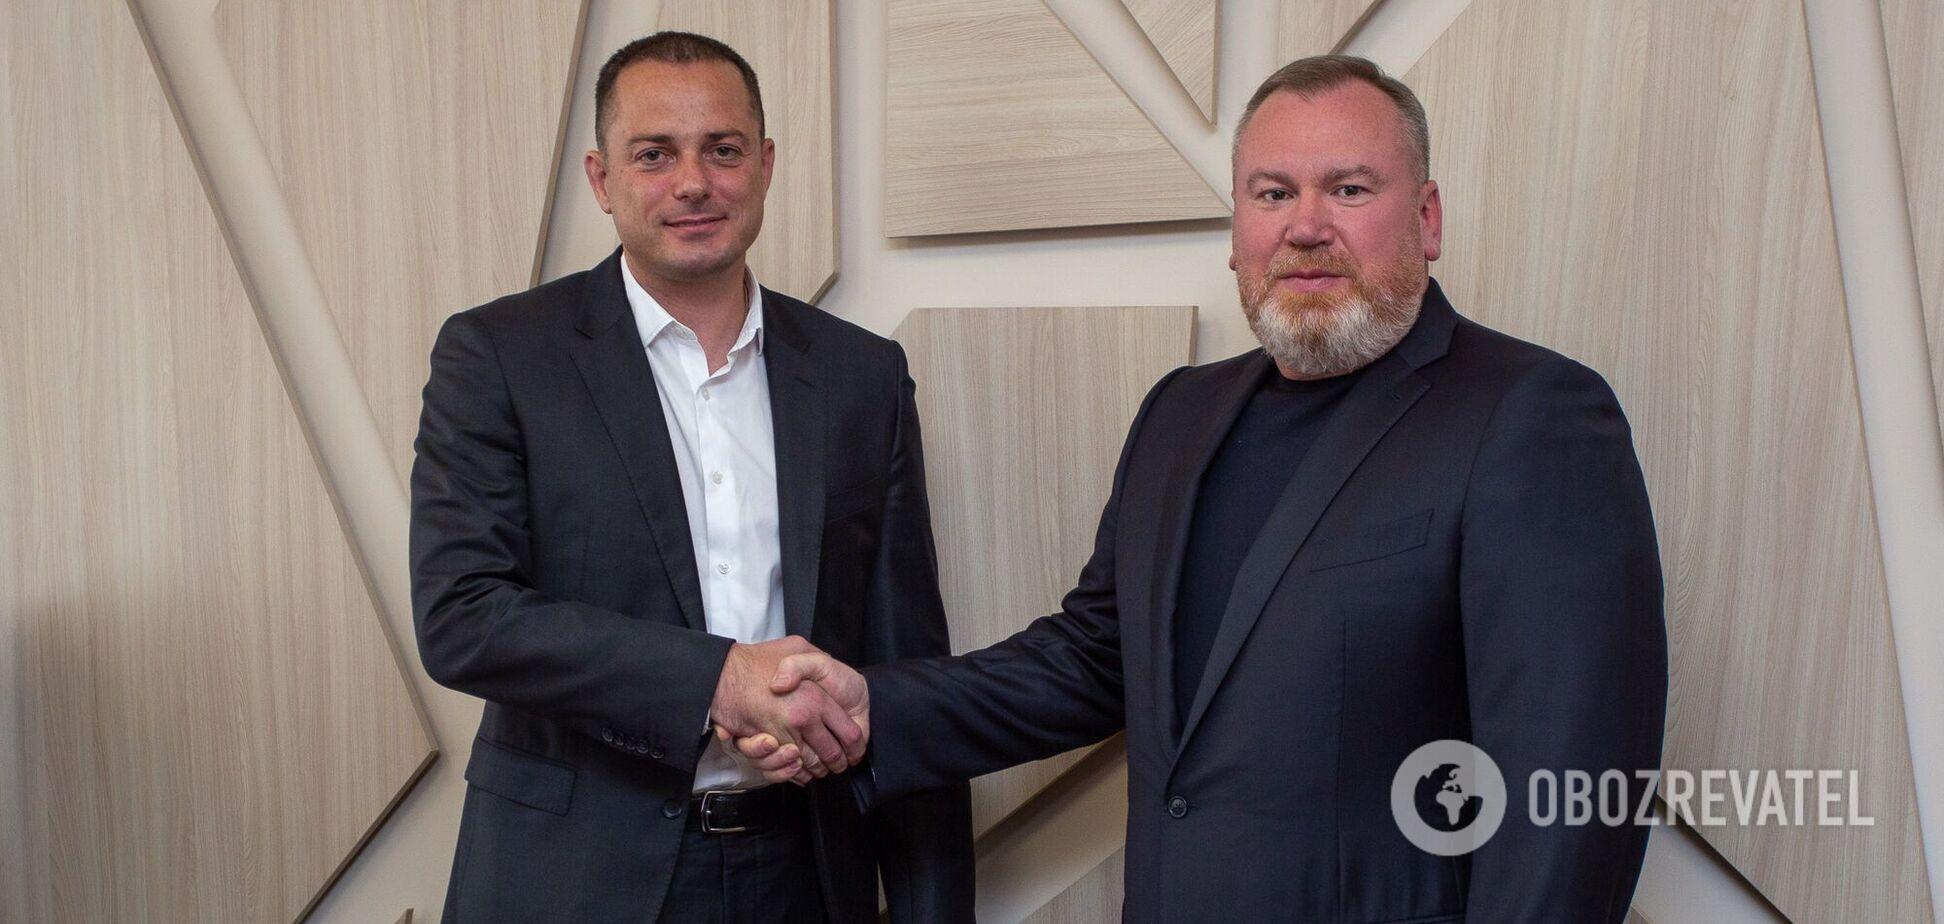 Андрей Белоусов поддержал партию 'Пропозиция' в областной совет